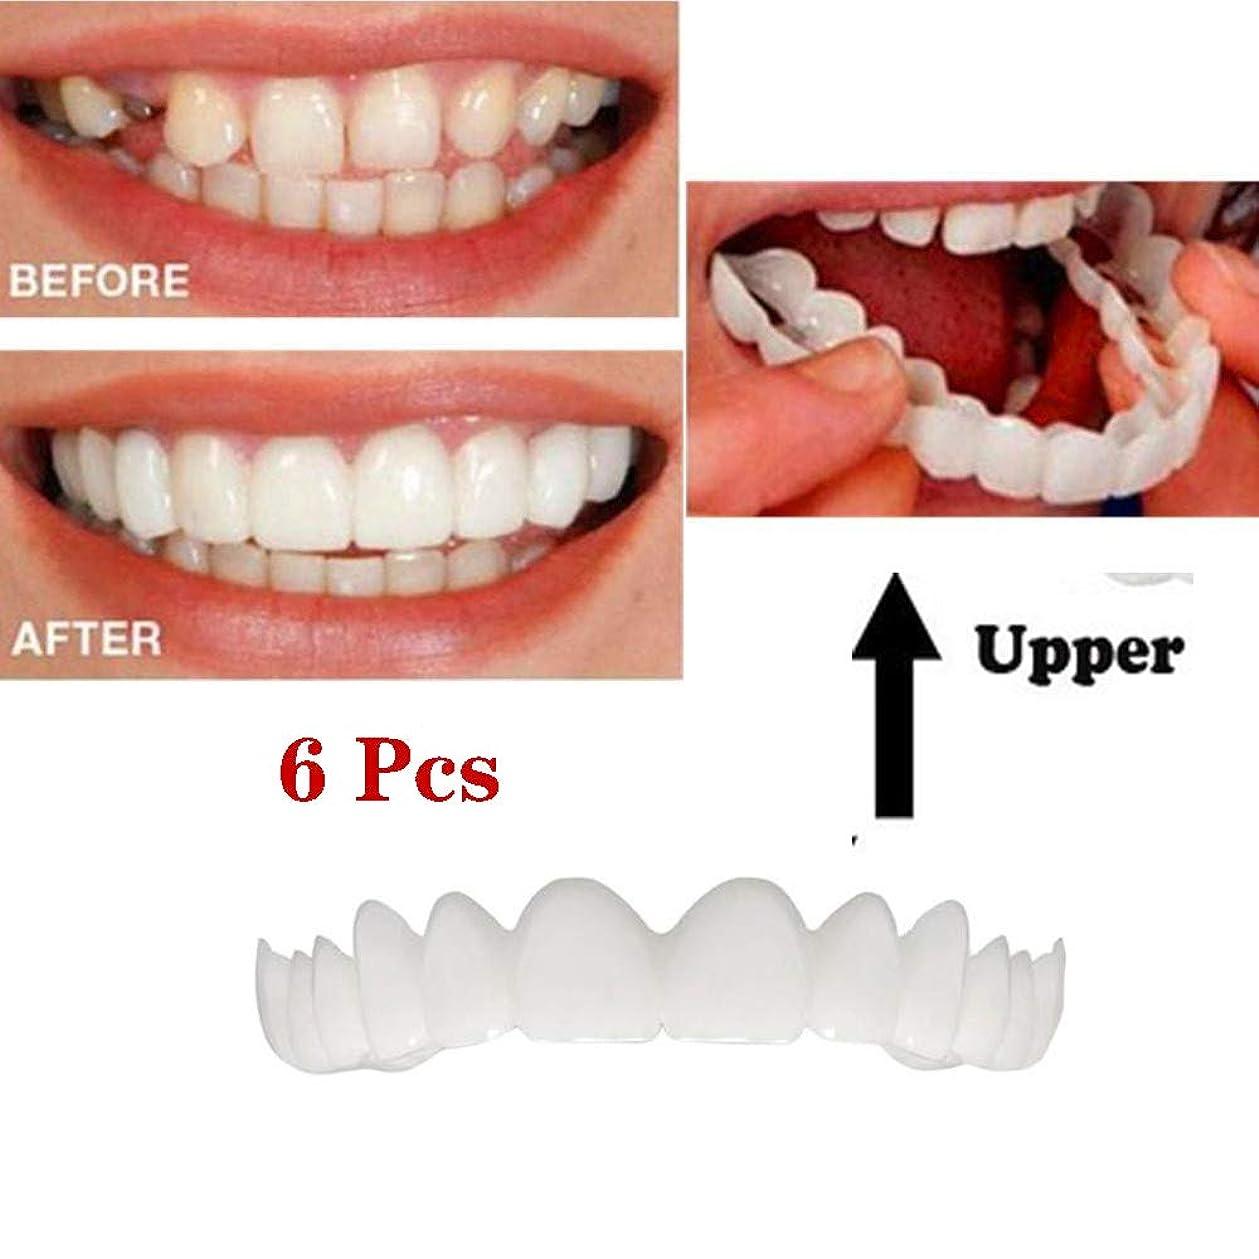 仮定する波奨励します6個シリコーン偽の歯偽歯カバーホワイトニング義歯オーラルケア歯ホワイトニングデンタルオーラルケアアッパーブレース仮化粧品歯義歯